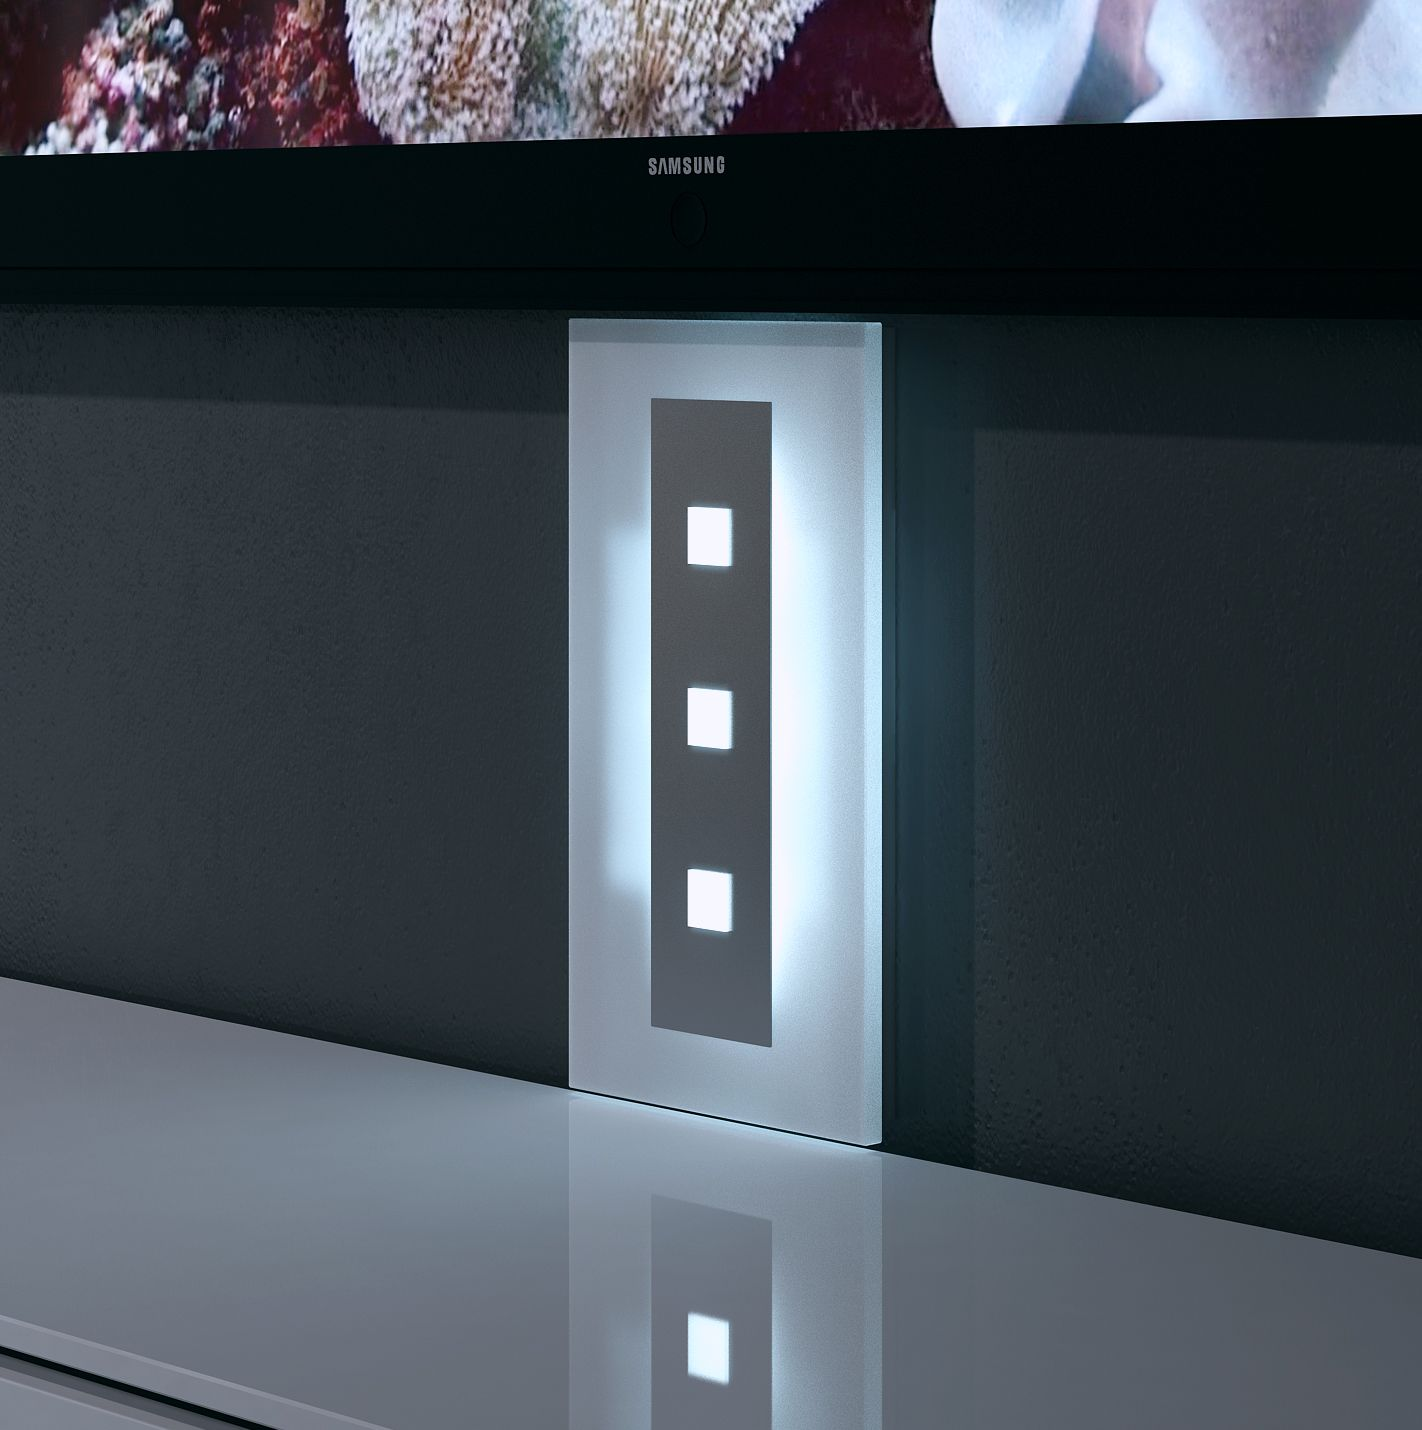 Pin Von Visioglas Auf TV Kabelkanal Aus Glas Mit LED